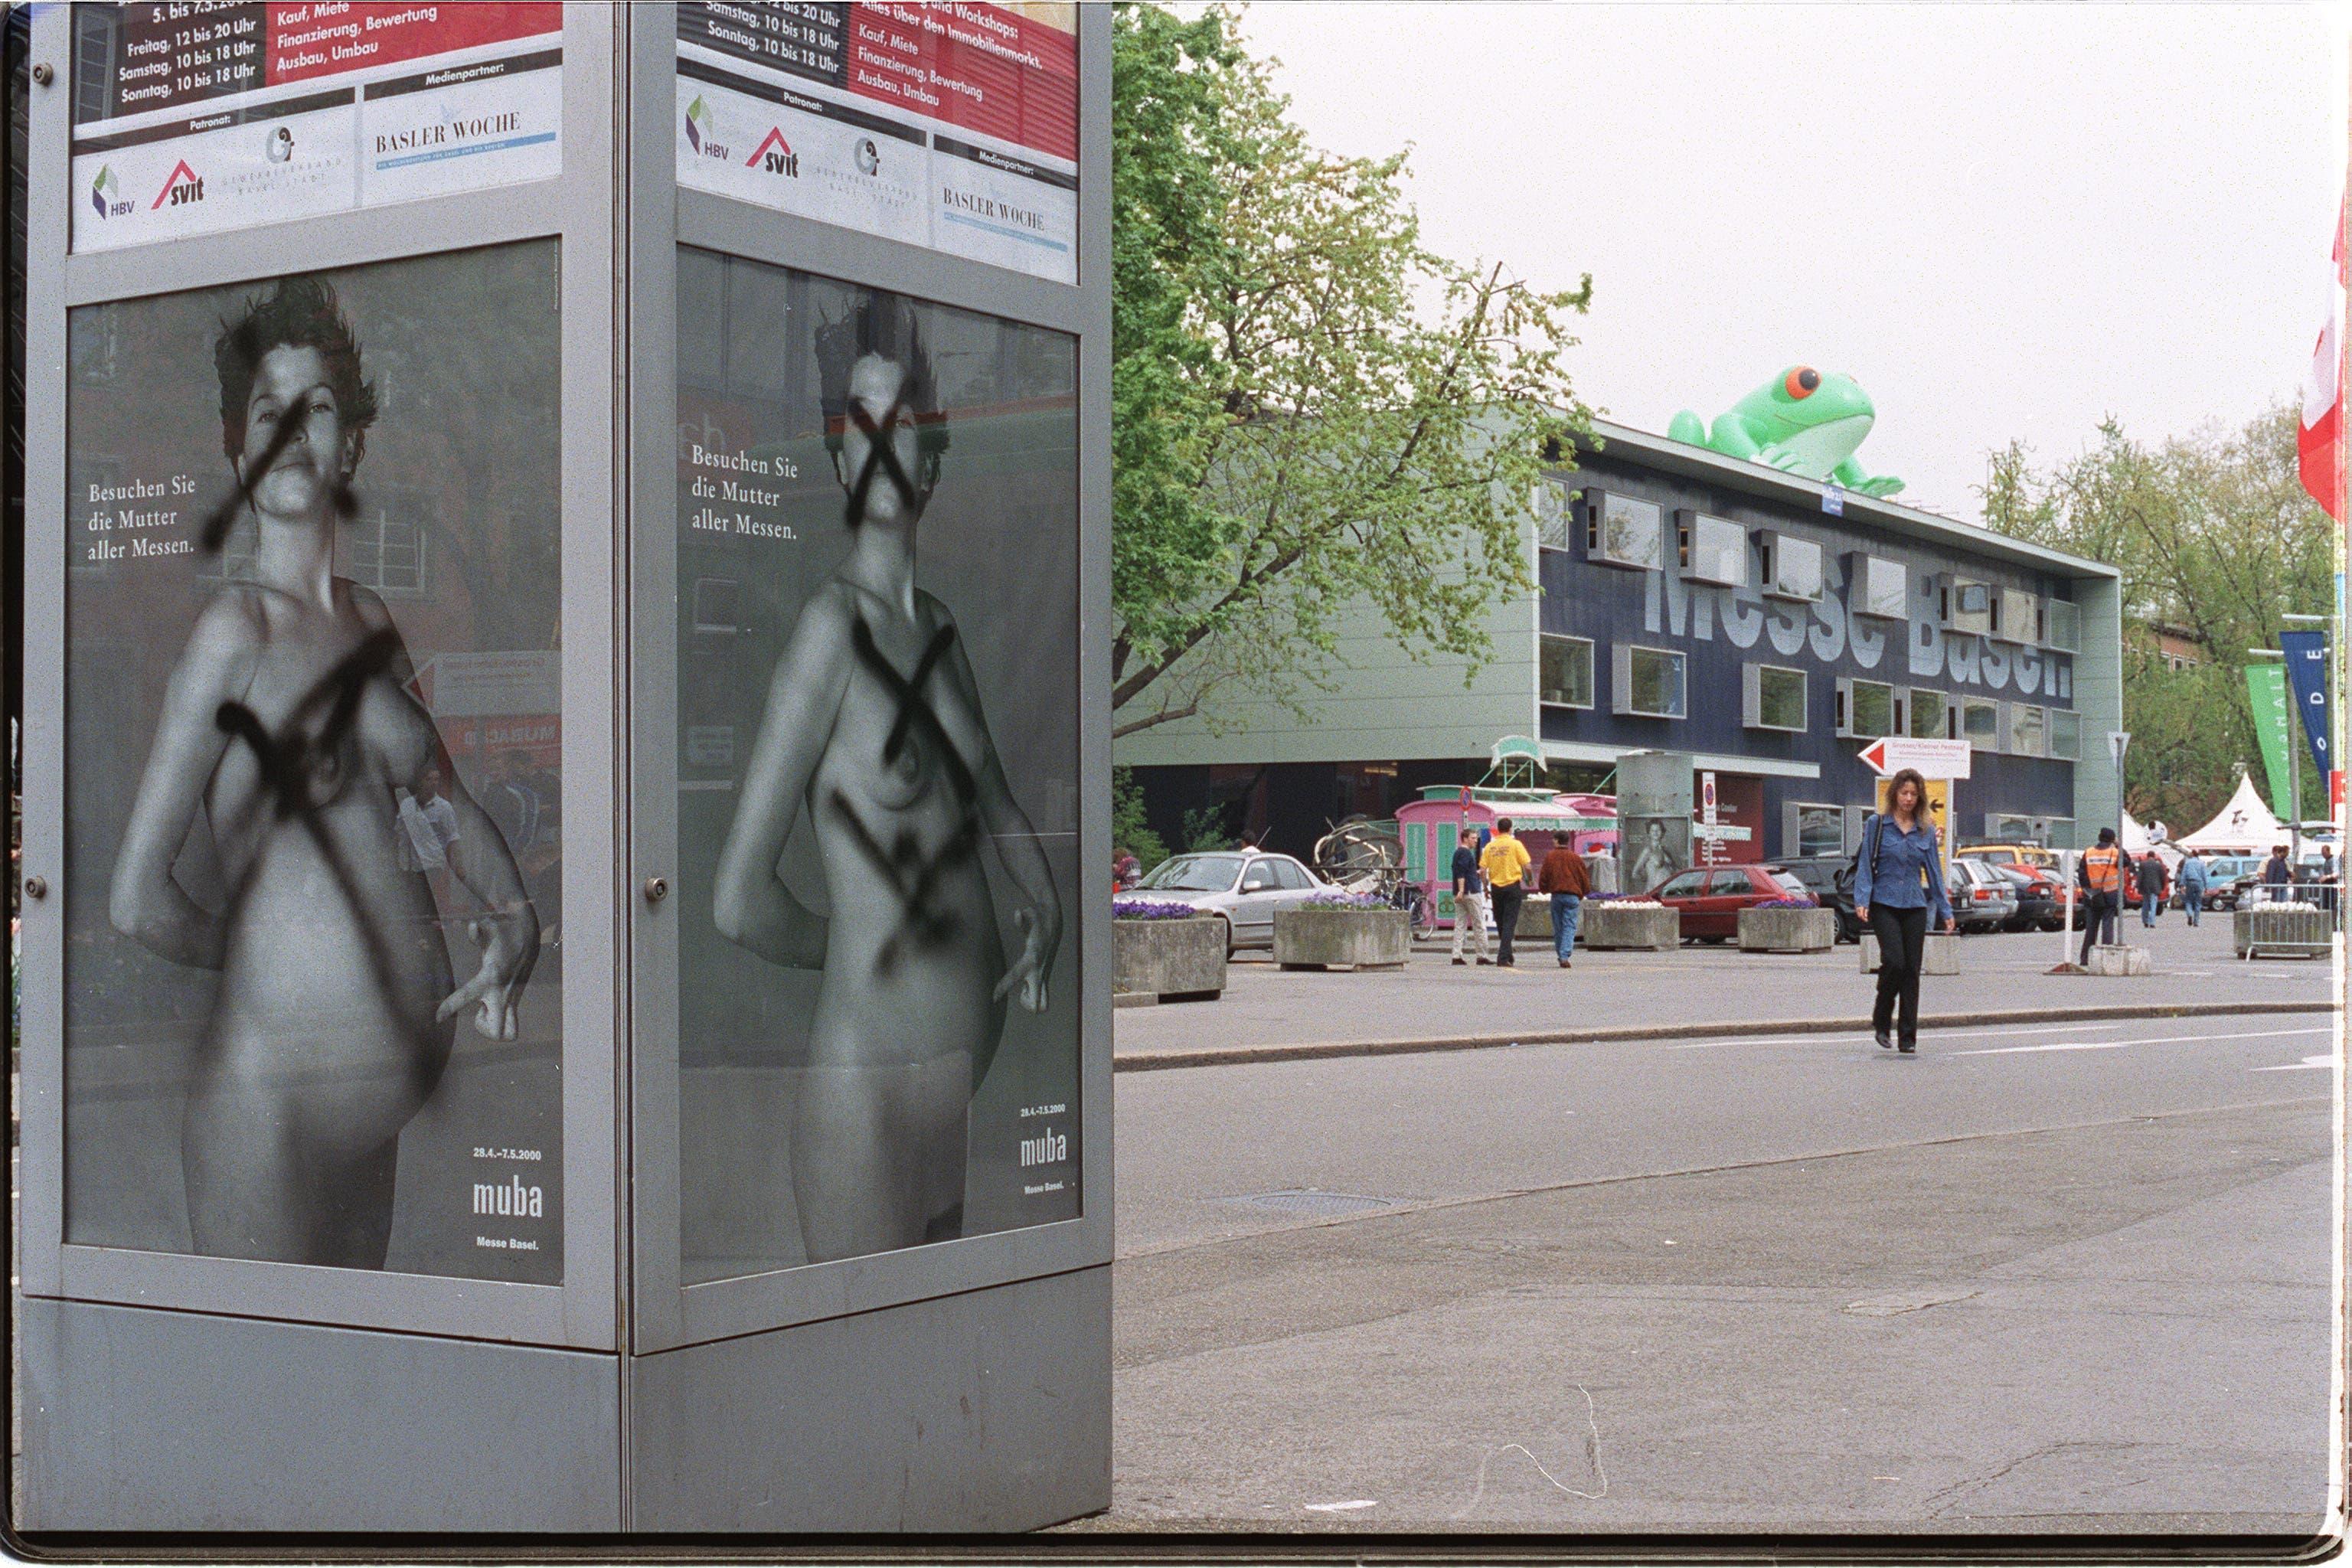 """Mit der Fotografie einer schwangeren Frau von Richard Avedon warb die Muba unter dem Titel """"Besuchen Sie die Mutter aller Messen"""" und handelte sich Proteste, aber auch Komplimente ein. Aufgenommen im April 2000."""